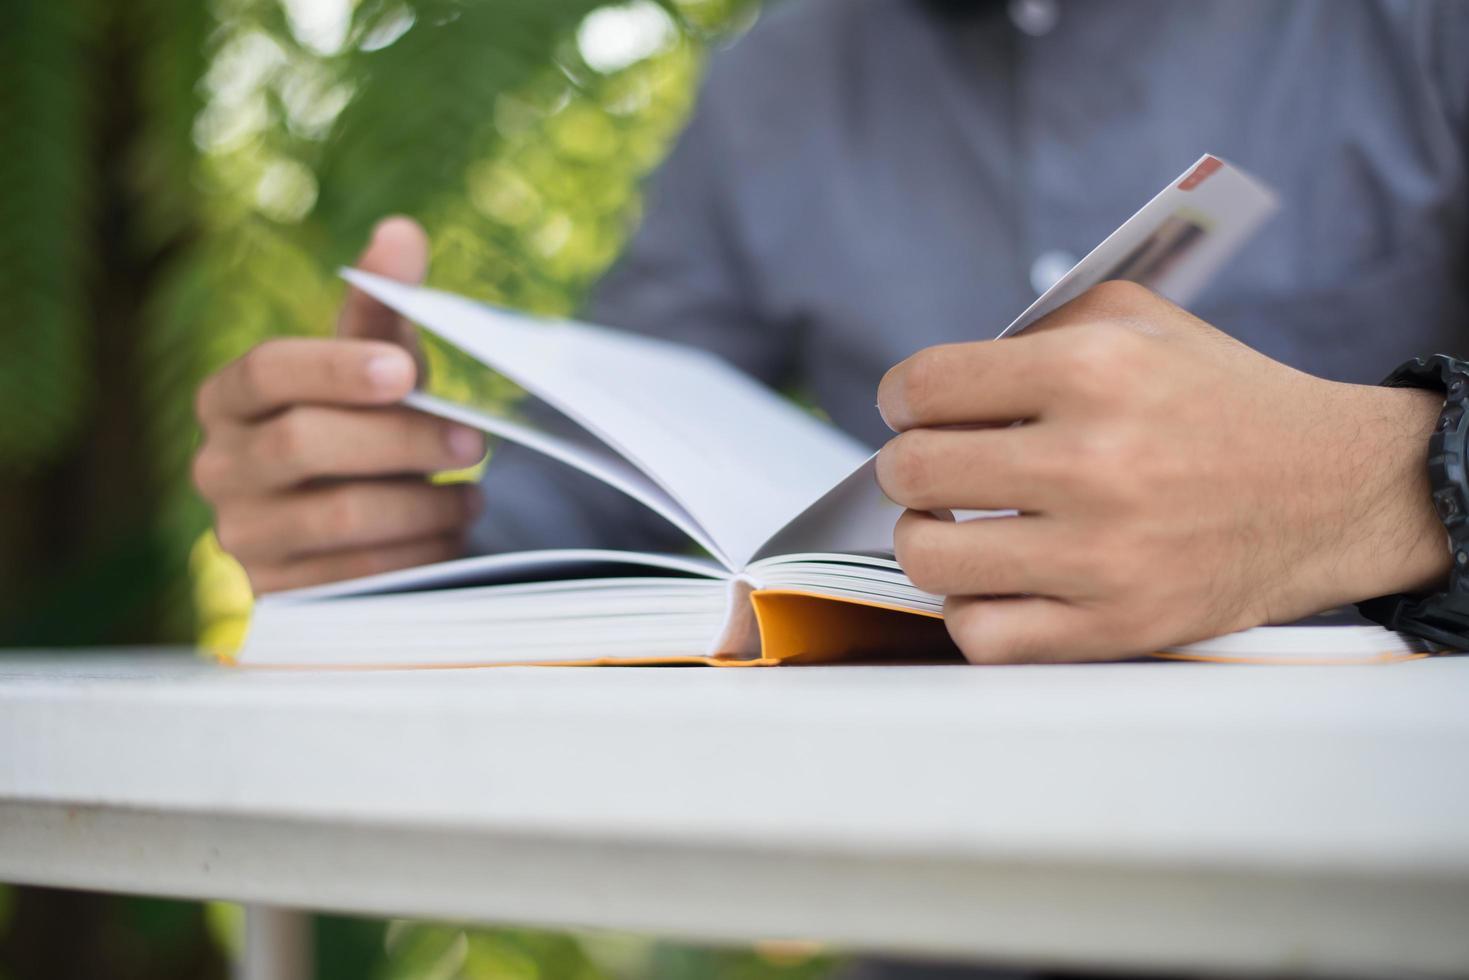 joven leyendo libros en el jardín de su casa con la naturaleza foto